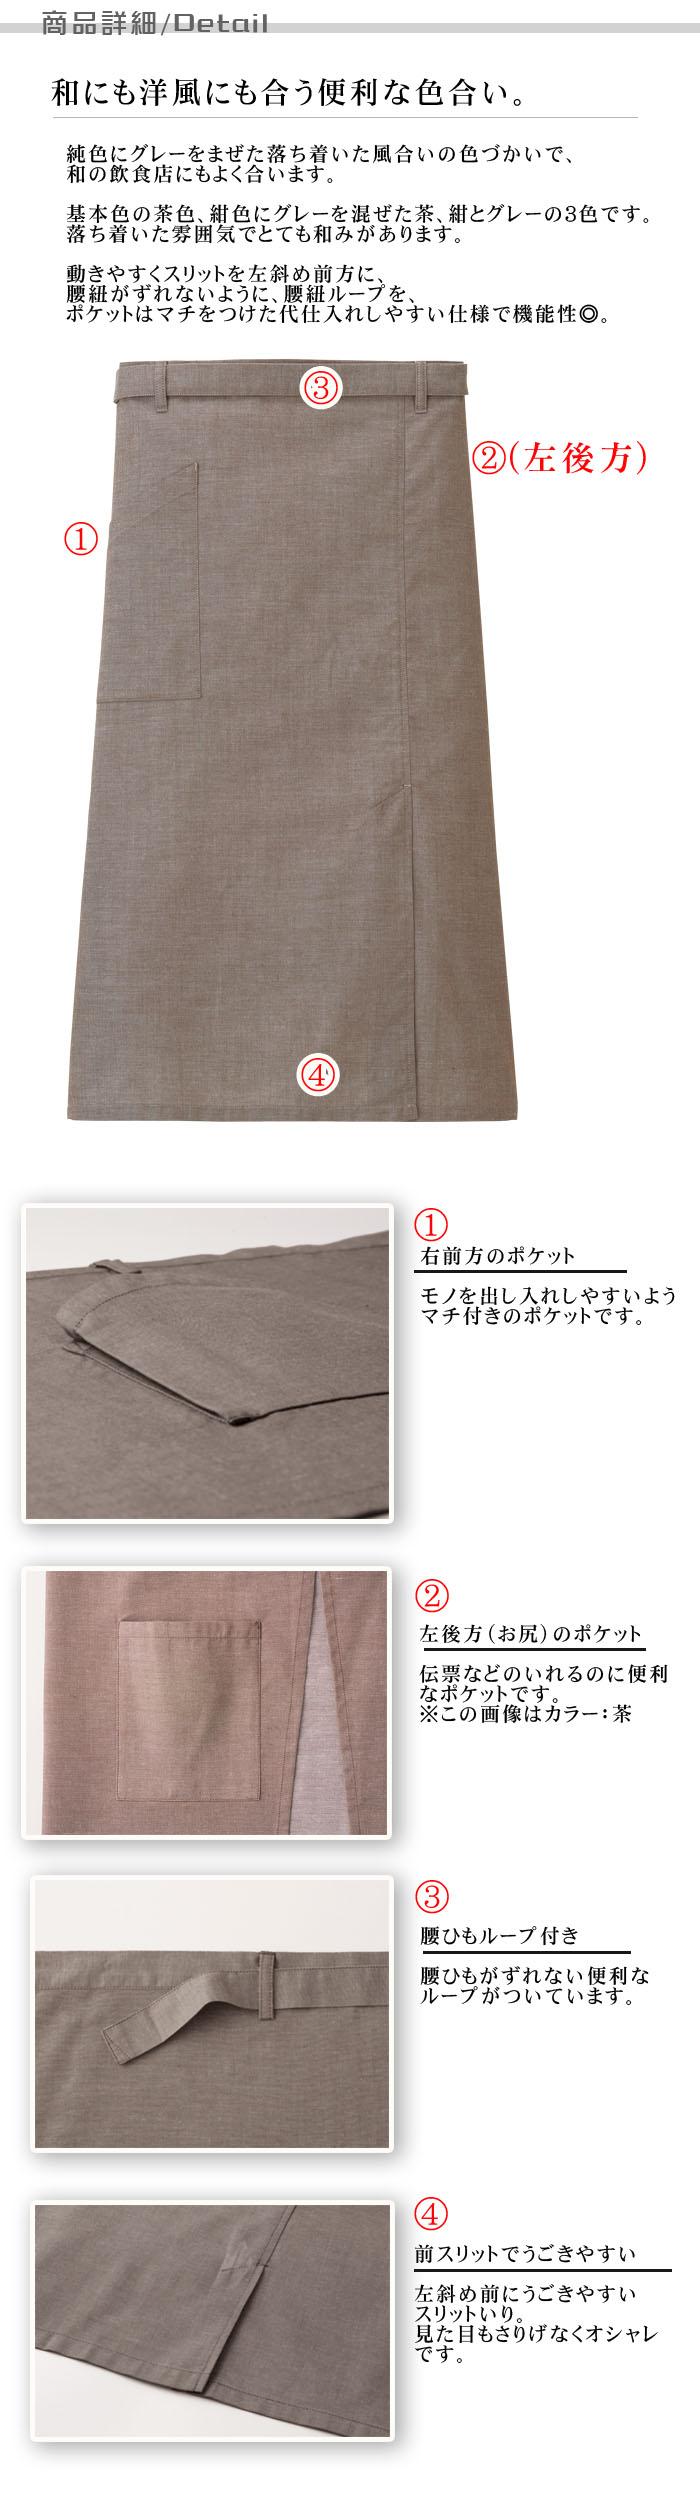 飲食店販売店制服ロングエプロン 落ち着いた色3色 和にも洋風にも使える便利前掛け  商品詳細説明